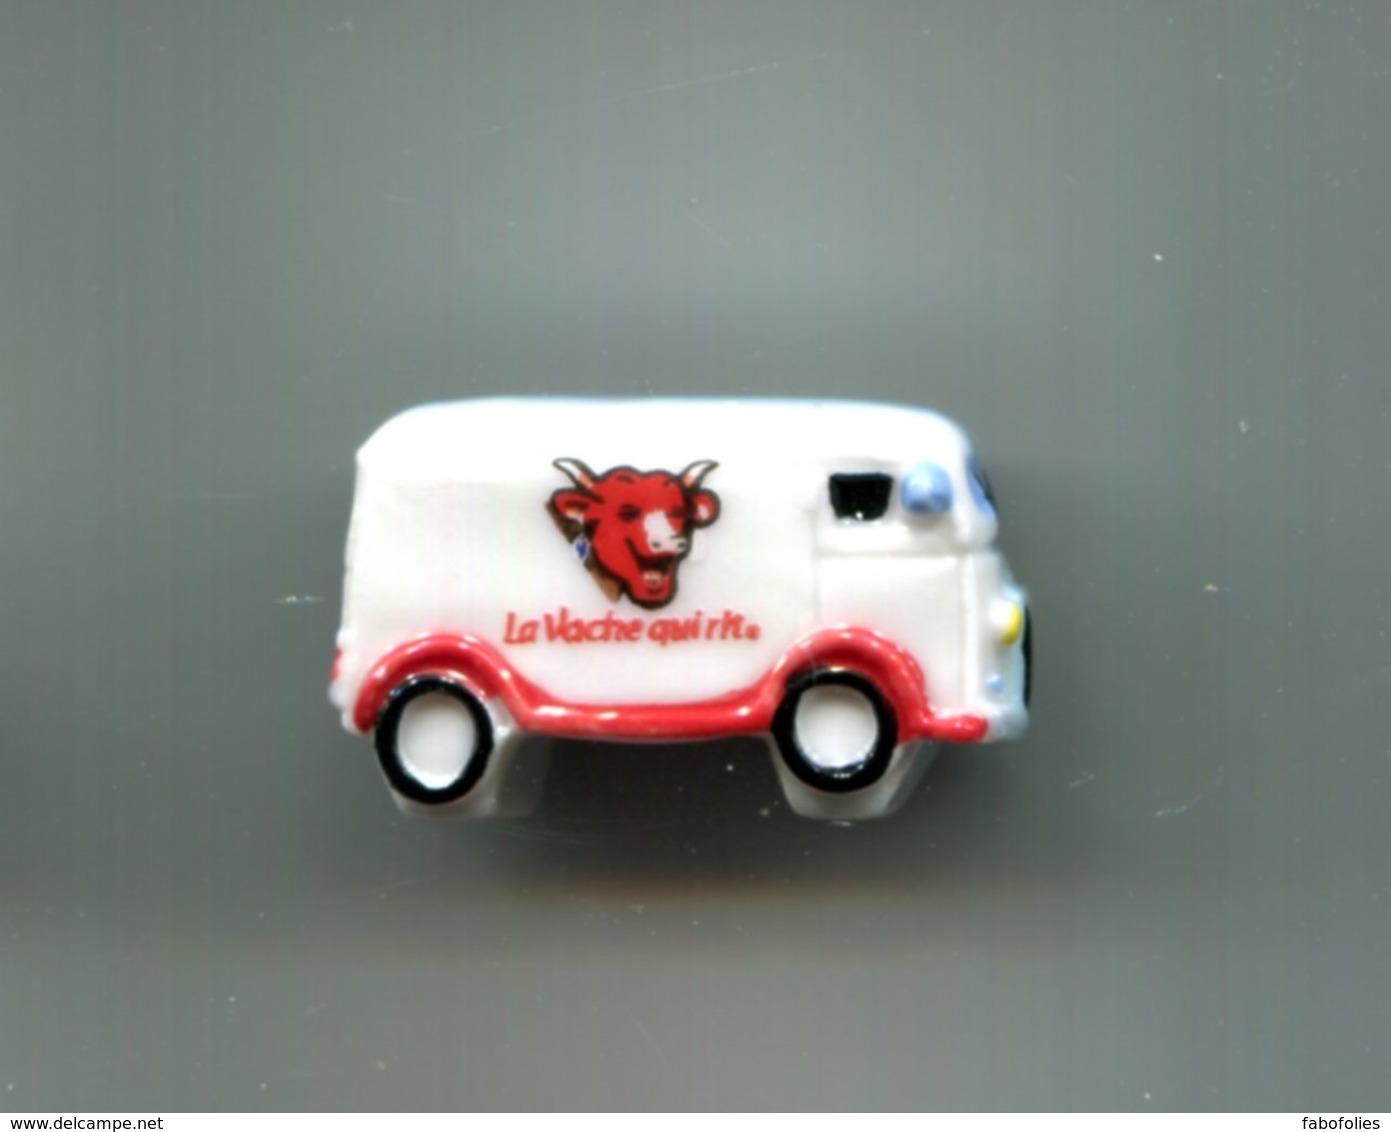 Feve A L Unite Vehicules Vache Qui Rit N6 / 1.0p18a5 - Other